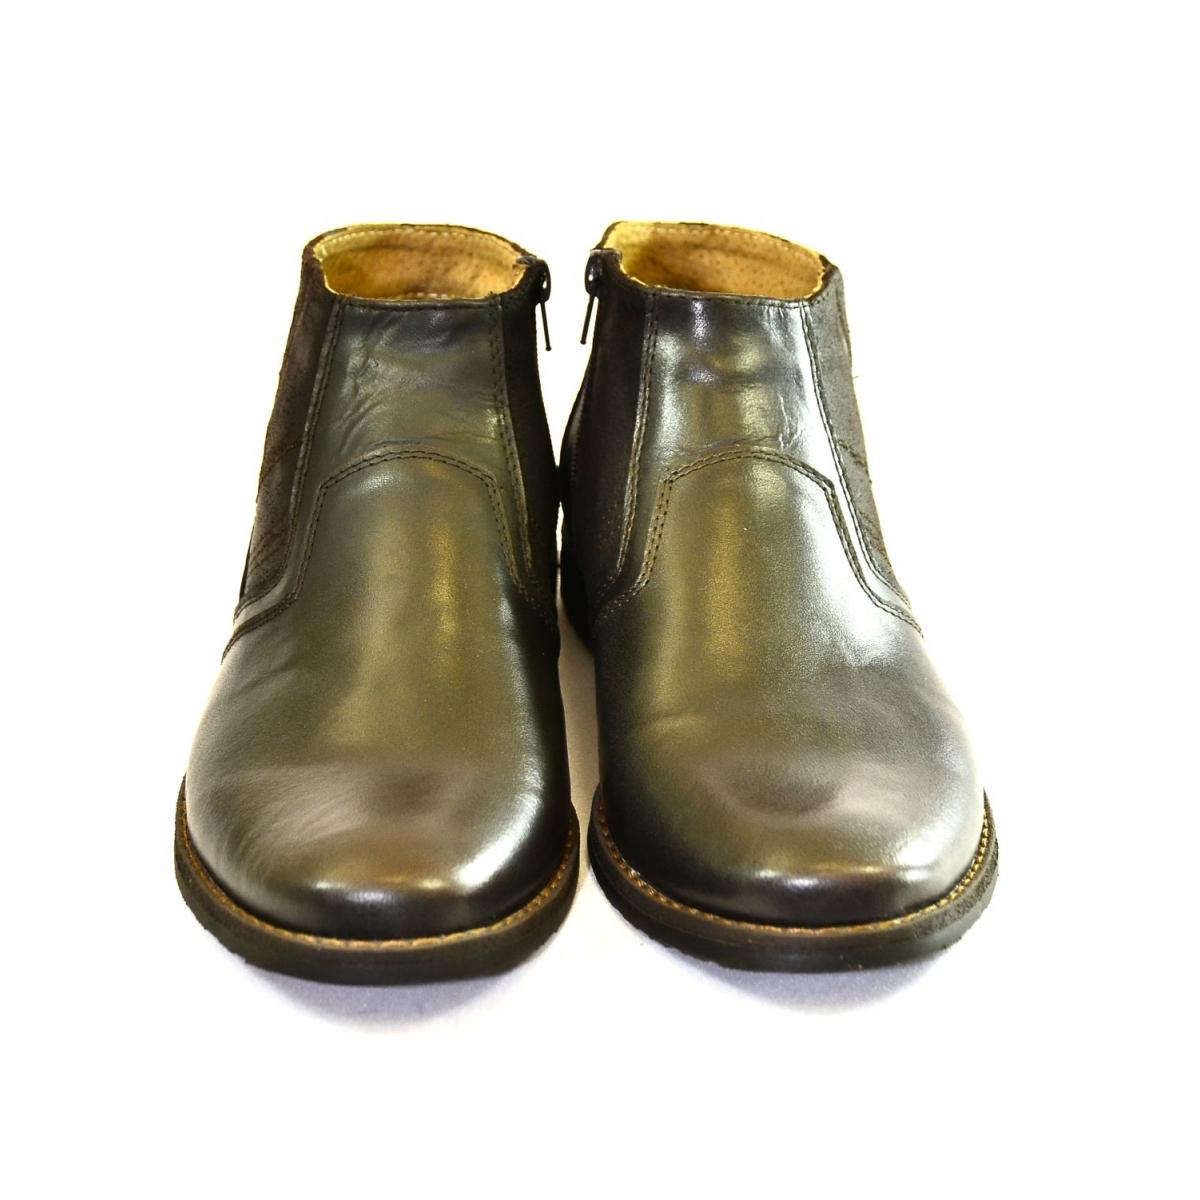 Pánske tmavo-hnedé kožené zimné topánky CONRAD - 3 dcc5d1ff248